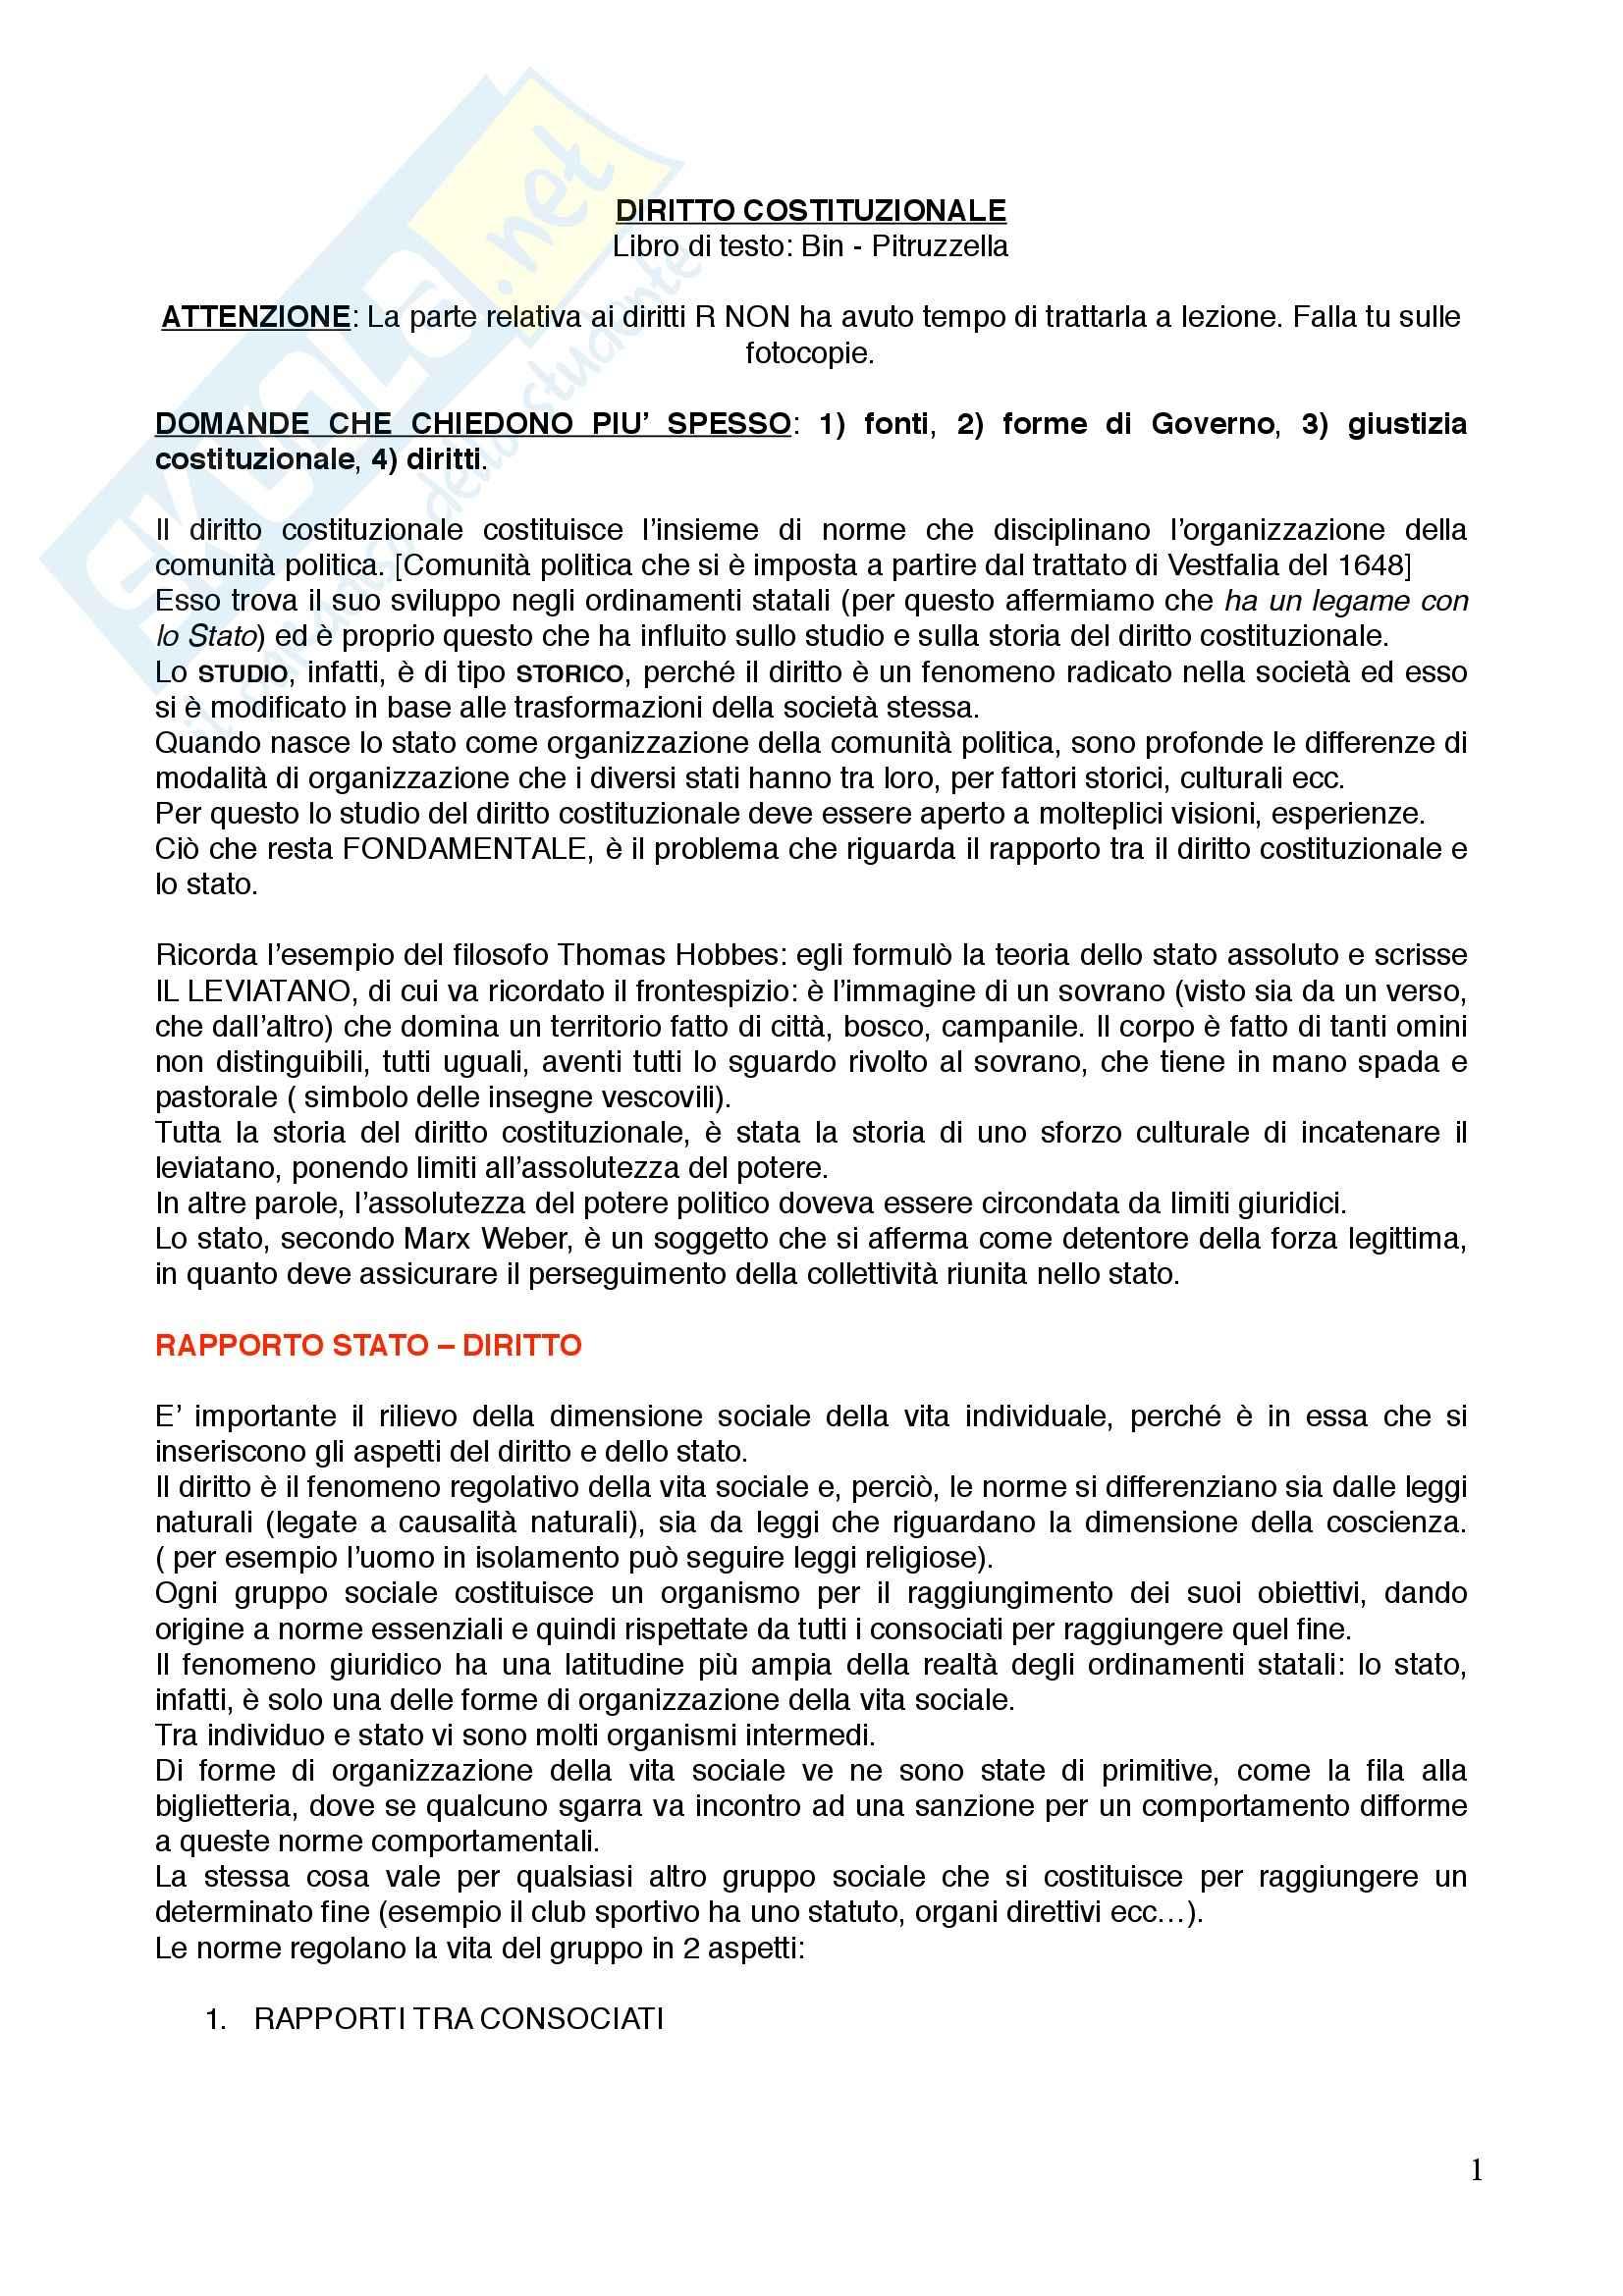 Diritto Costituzionale I - Appunti